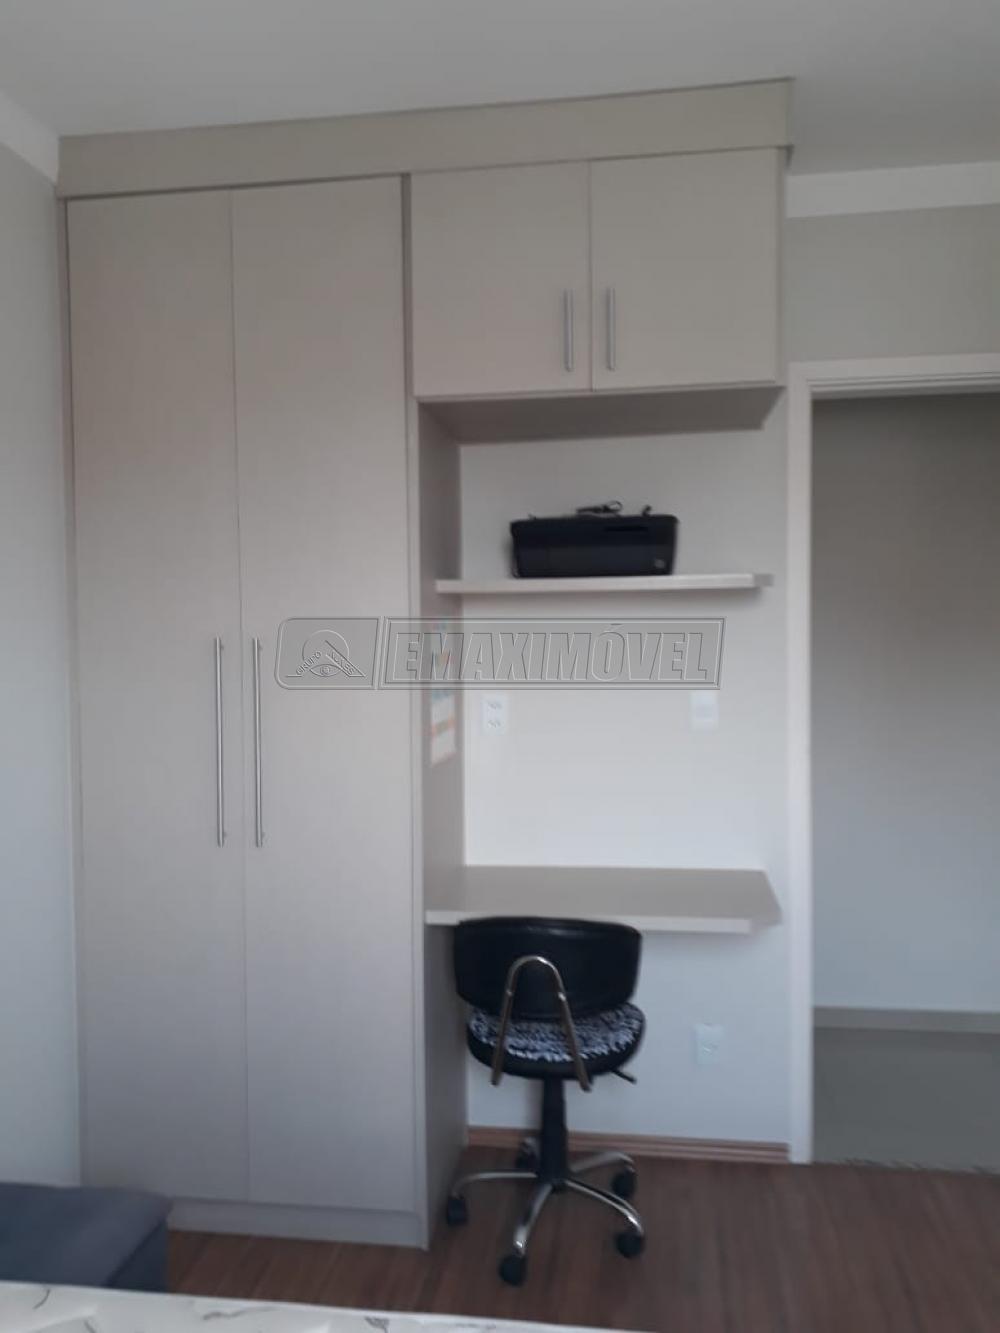 Comprar Apartamento / Padrão em Sorocaba R$ 348.000,00 - Foto 8